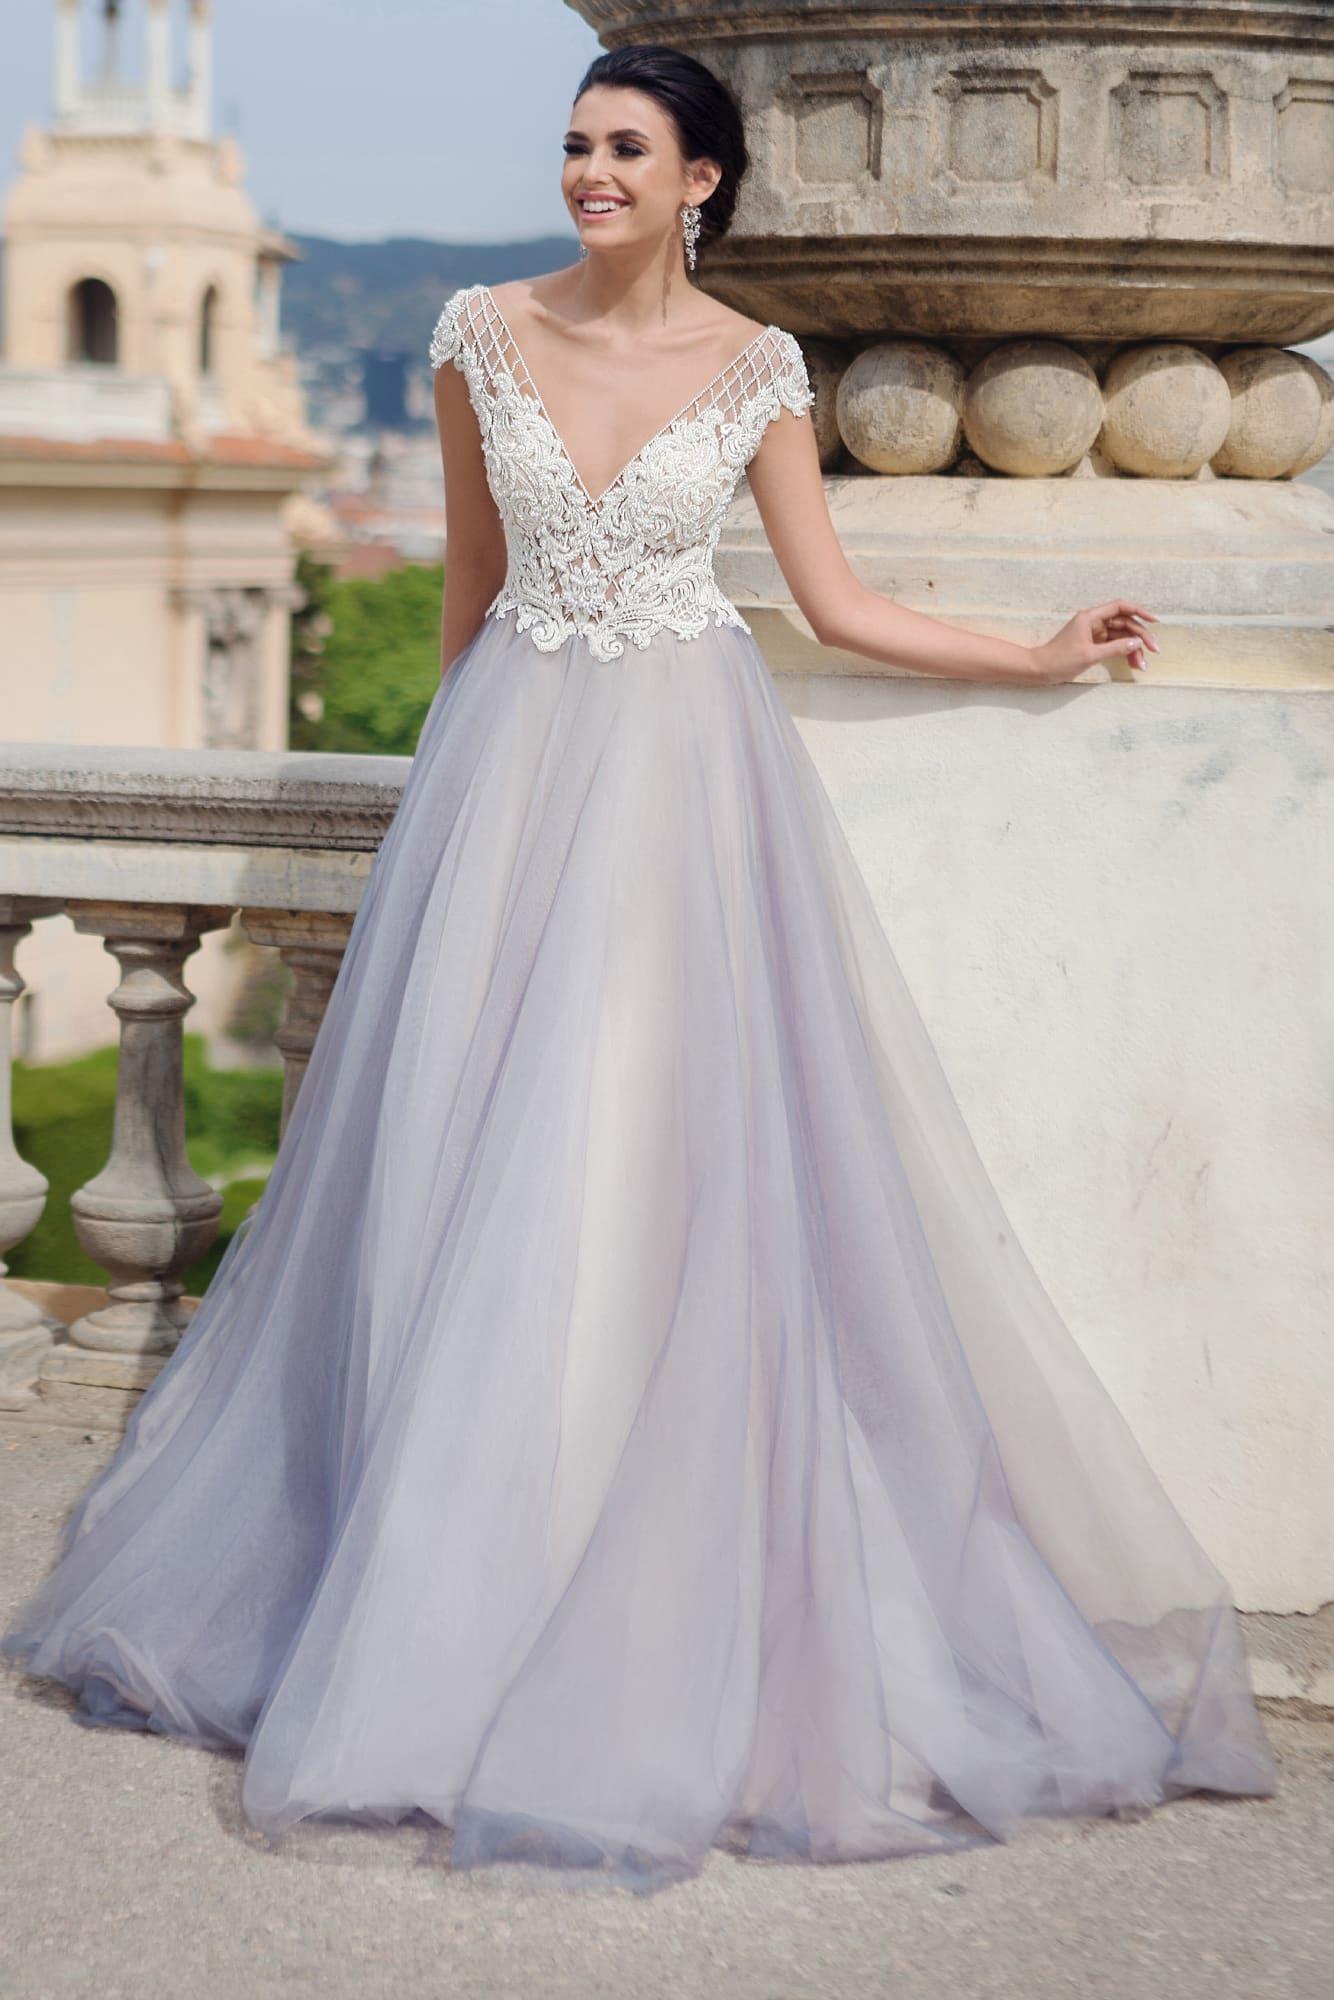 5b12a5edb03 Свадебное платье А-силуэта с романтичным корсетом и юбкой лавандового цвета.